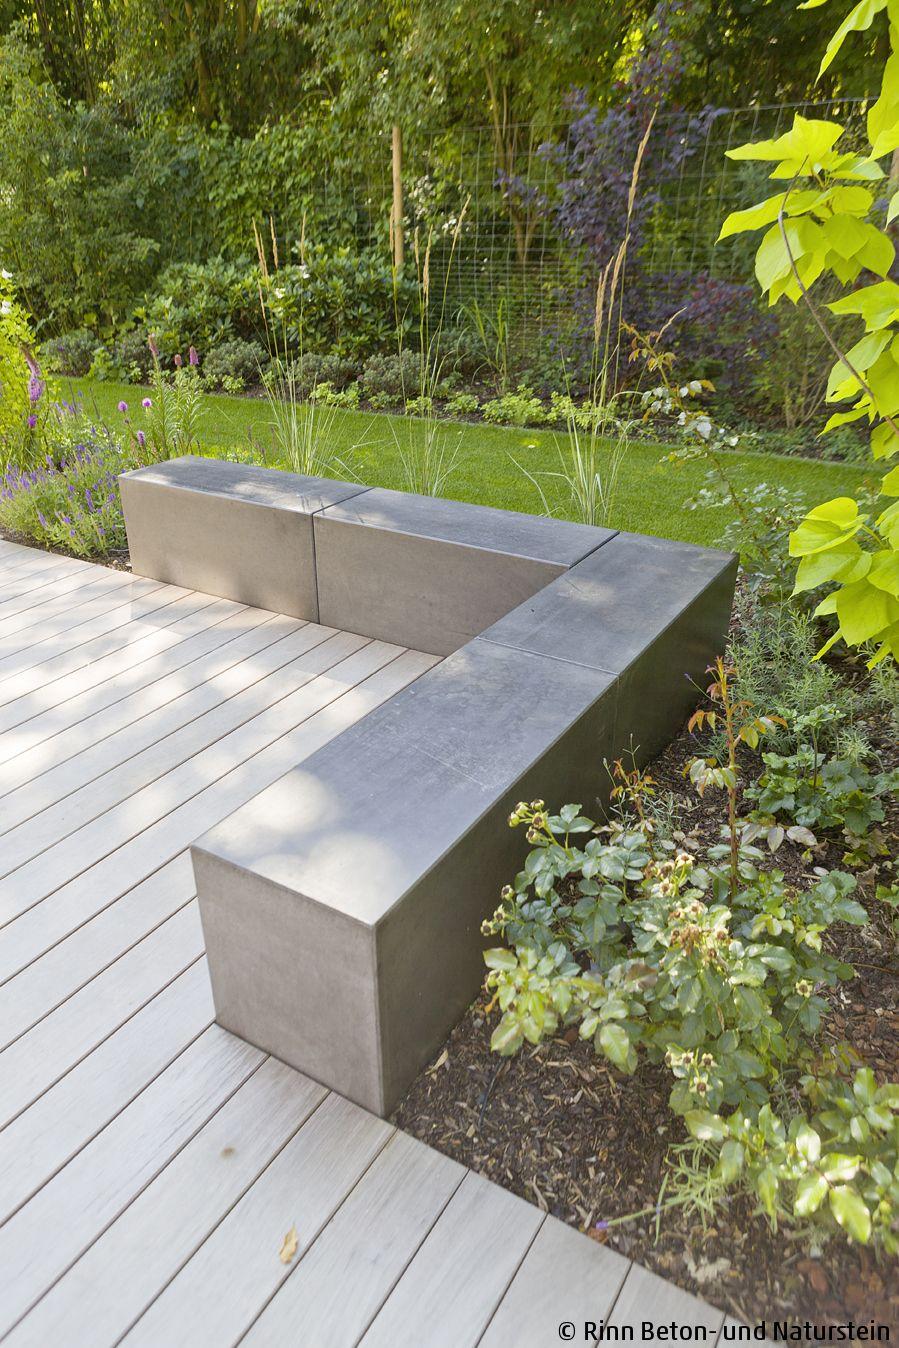 Moderner Sitzblock In Sichtbeton Optik Betonblock Garten Moderne Gartenentwurfe Zeitgenossische Gartengestaltung